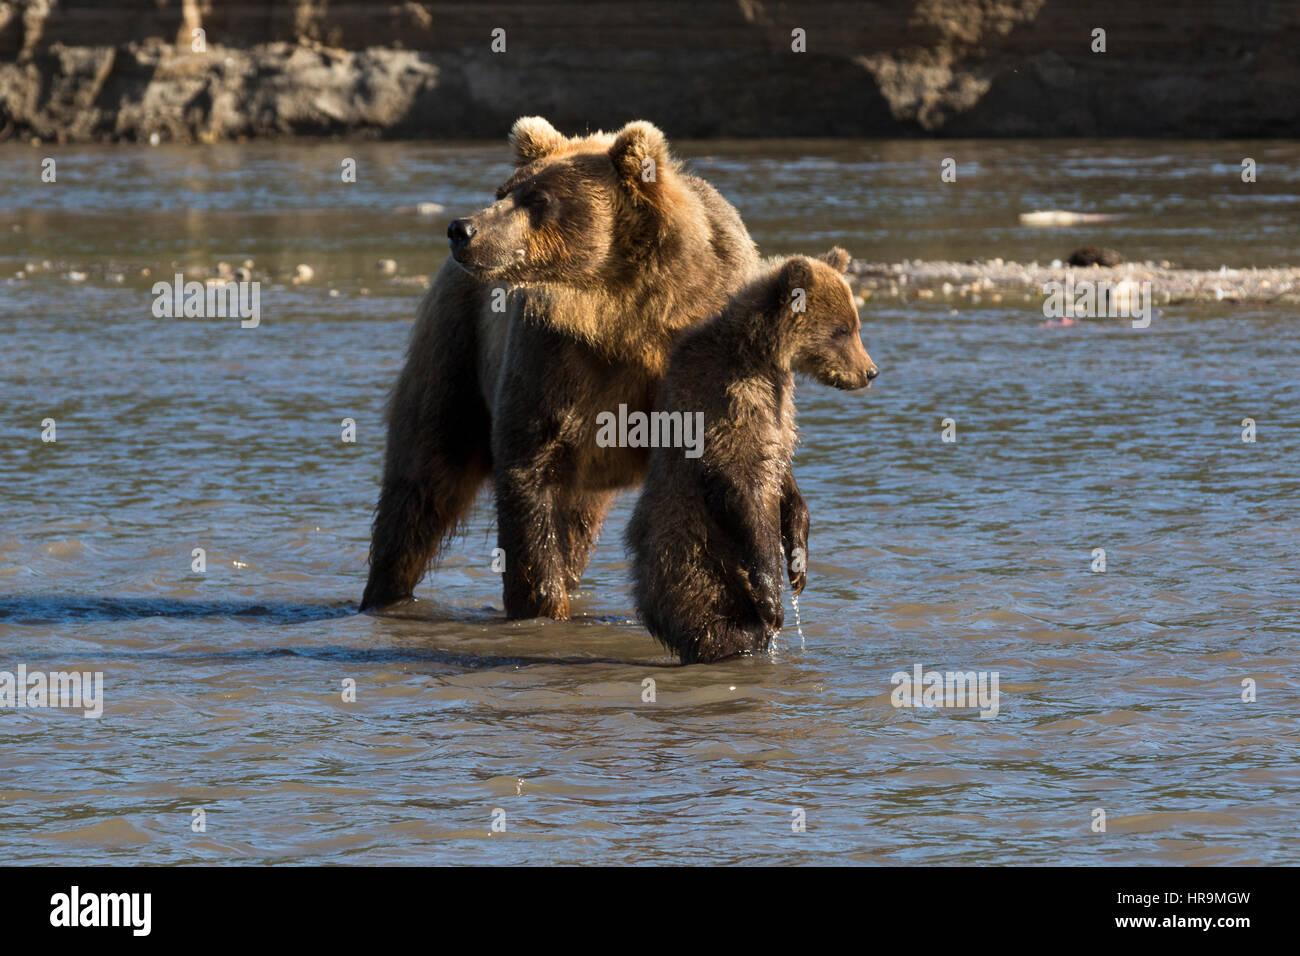 Mutter Bär und kleine Cub Angeln am Fluss in der Wildnis Stockbild